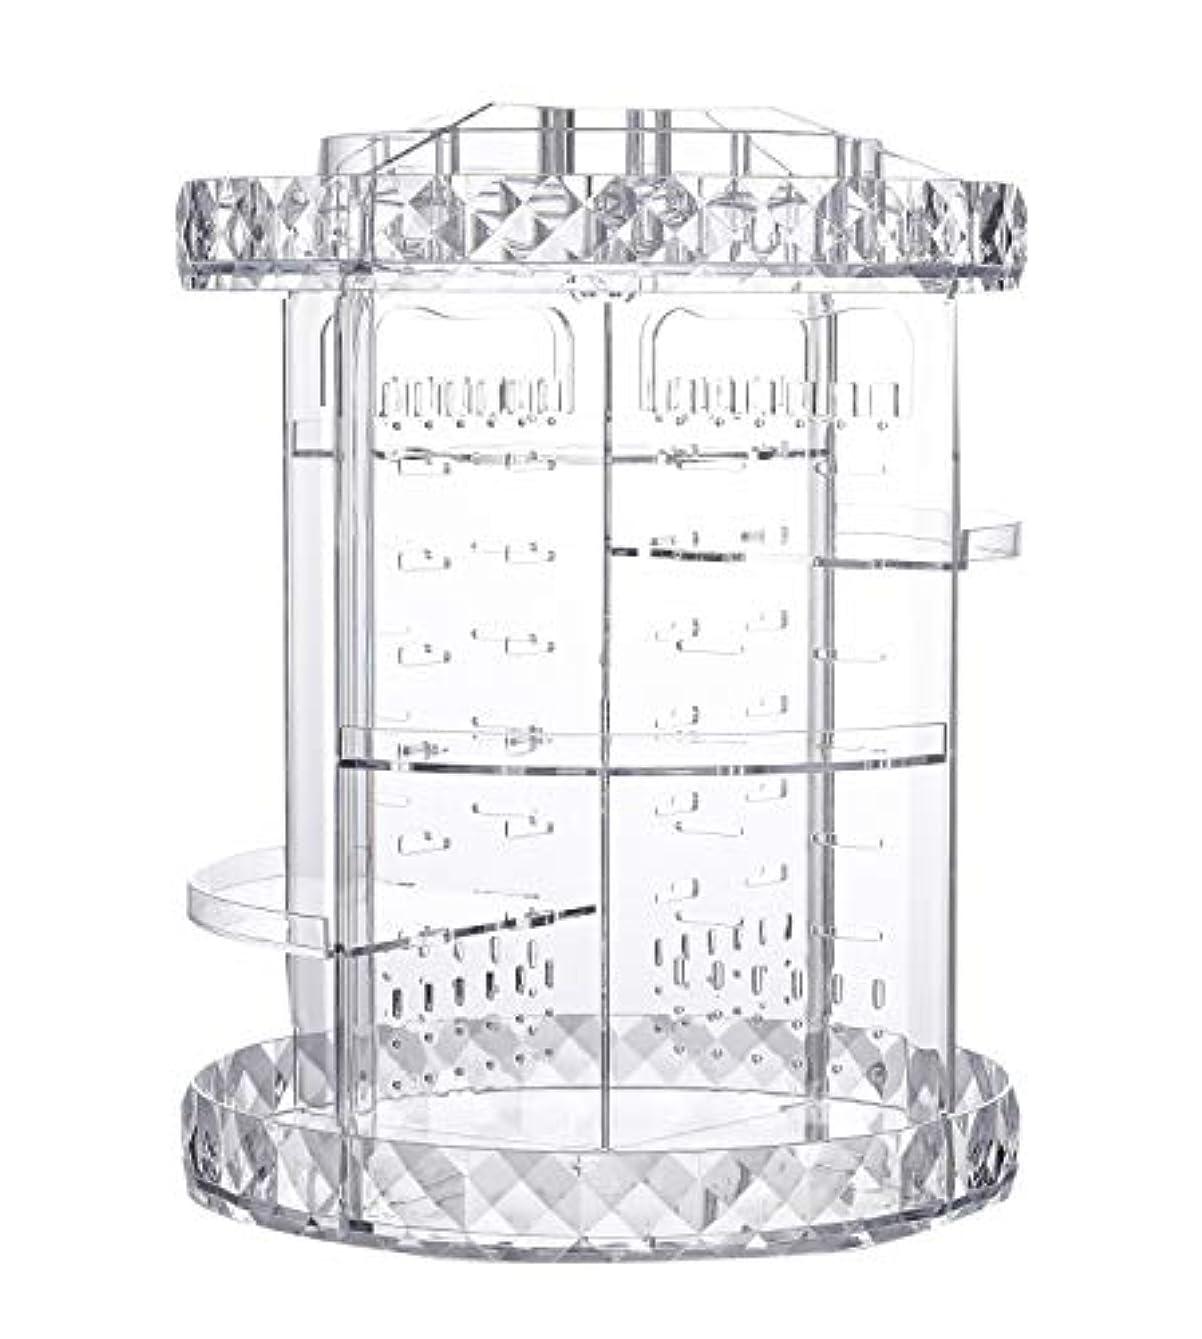 小康幸運進化化粧品収納ボックス ネックレス収納 アクセサリー収納 回転式360度 透明 メイクボックス 組み立て 調整可能